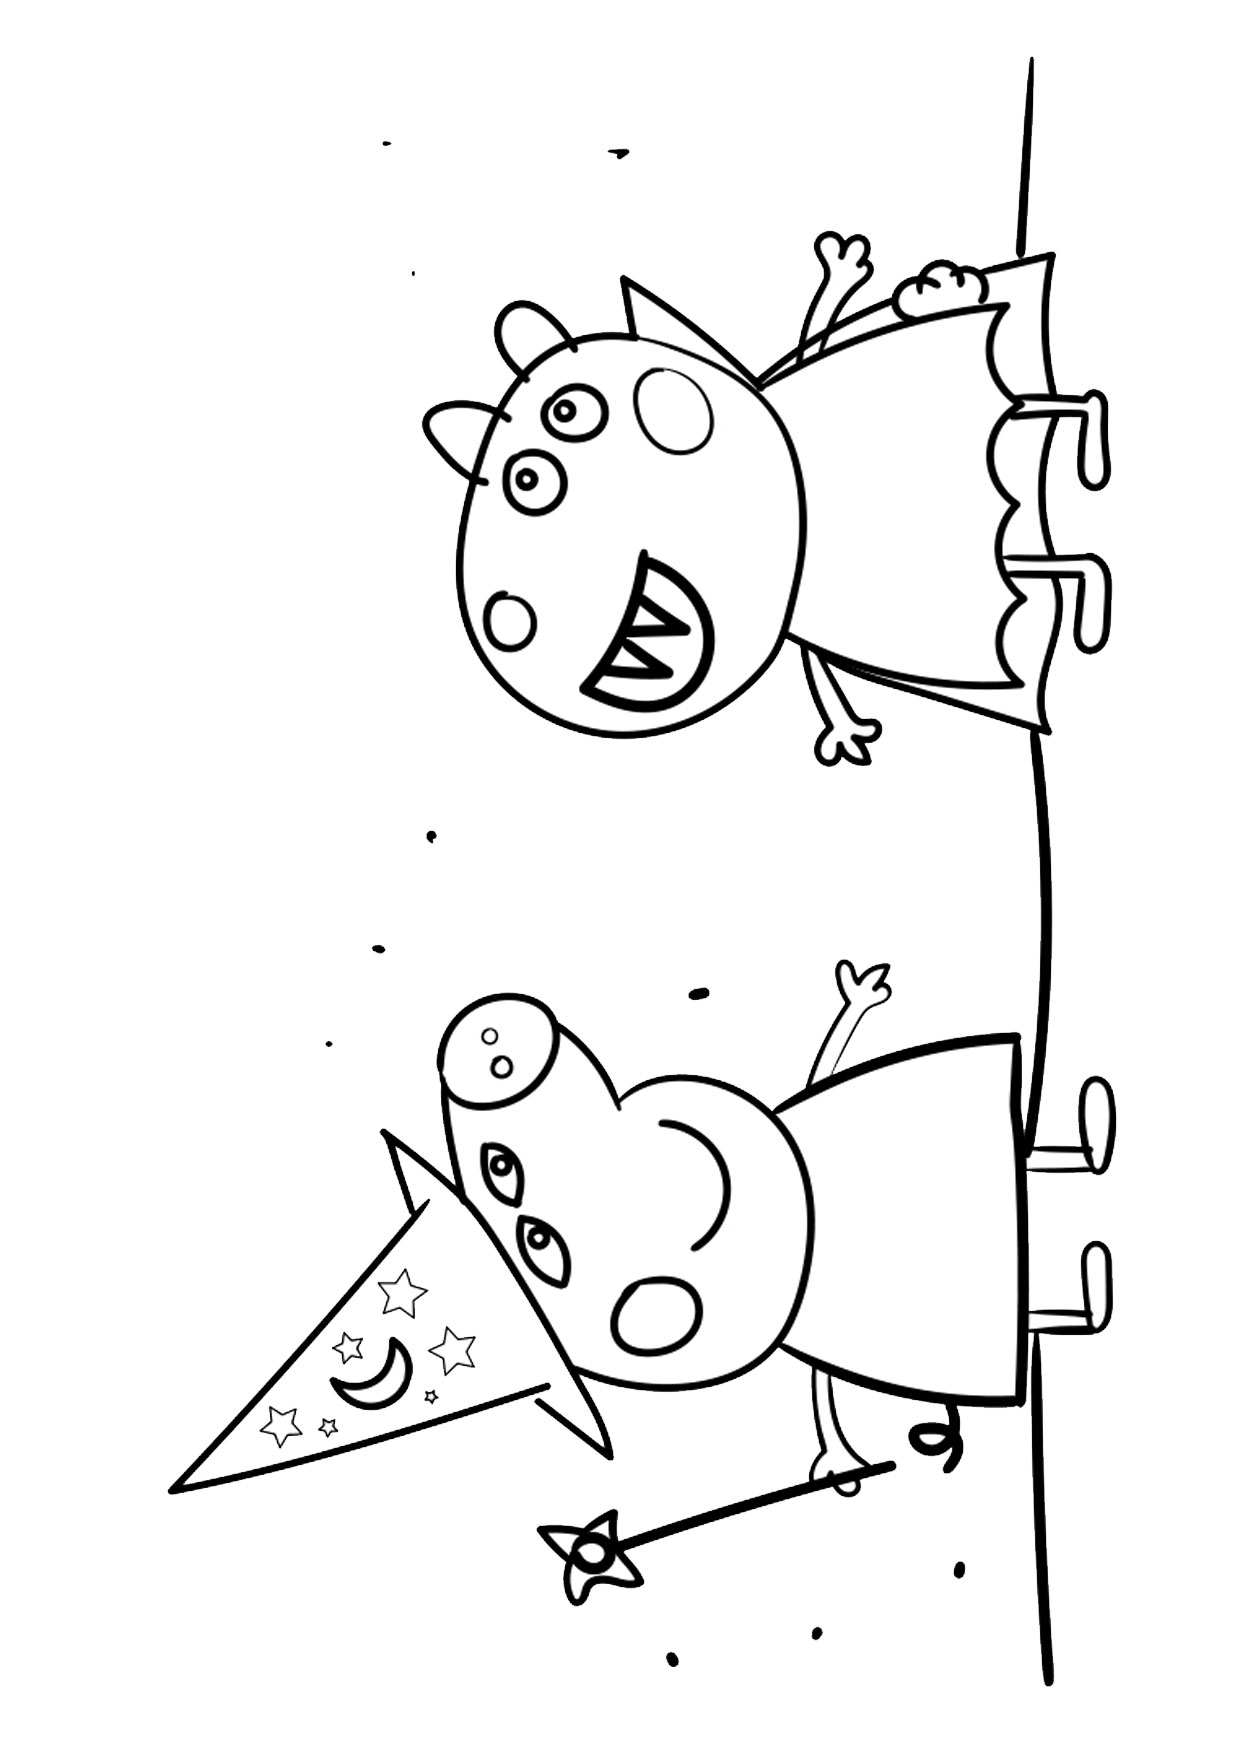 Disegno Peppa Pig da colorare 23